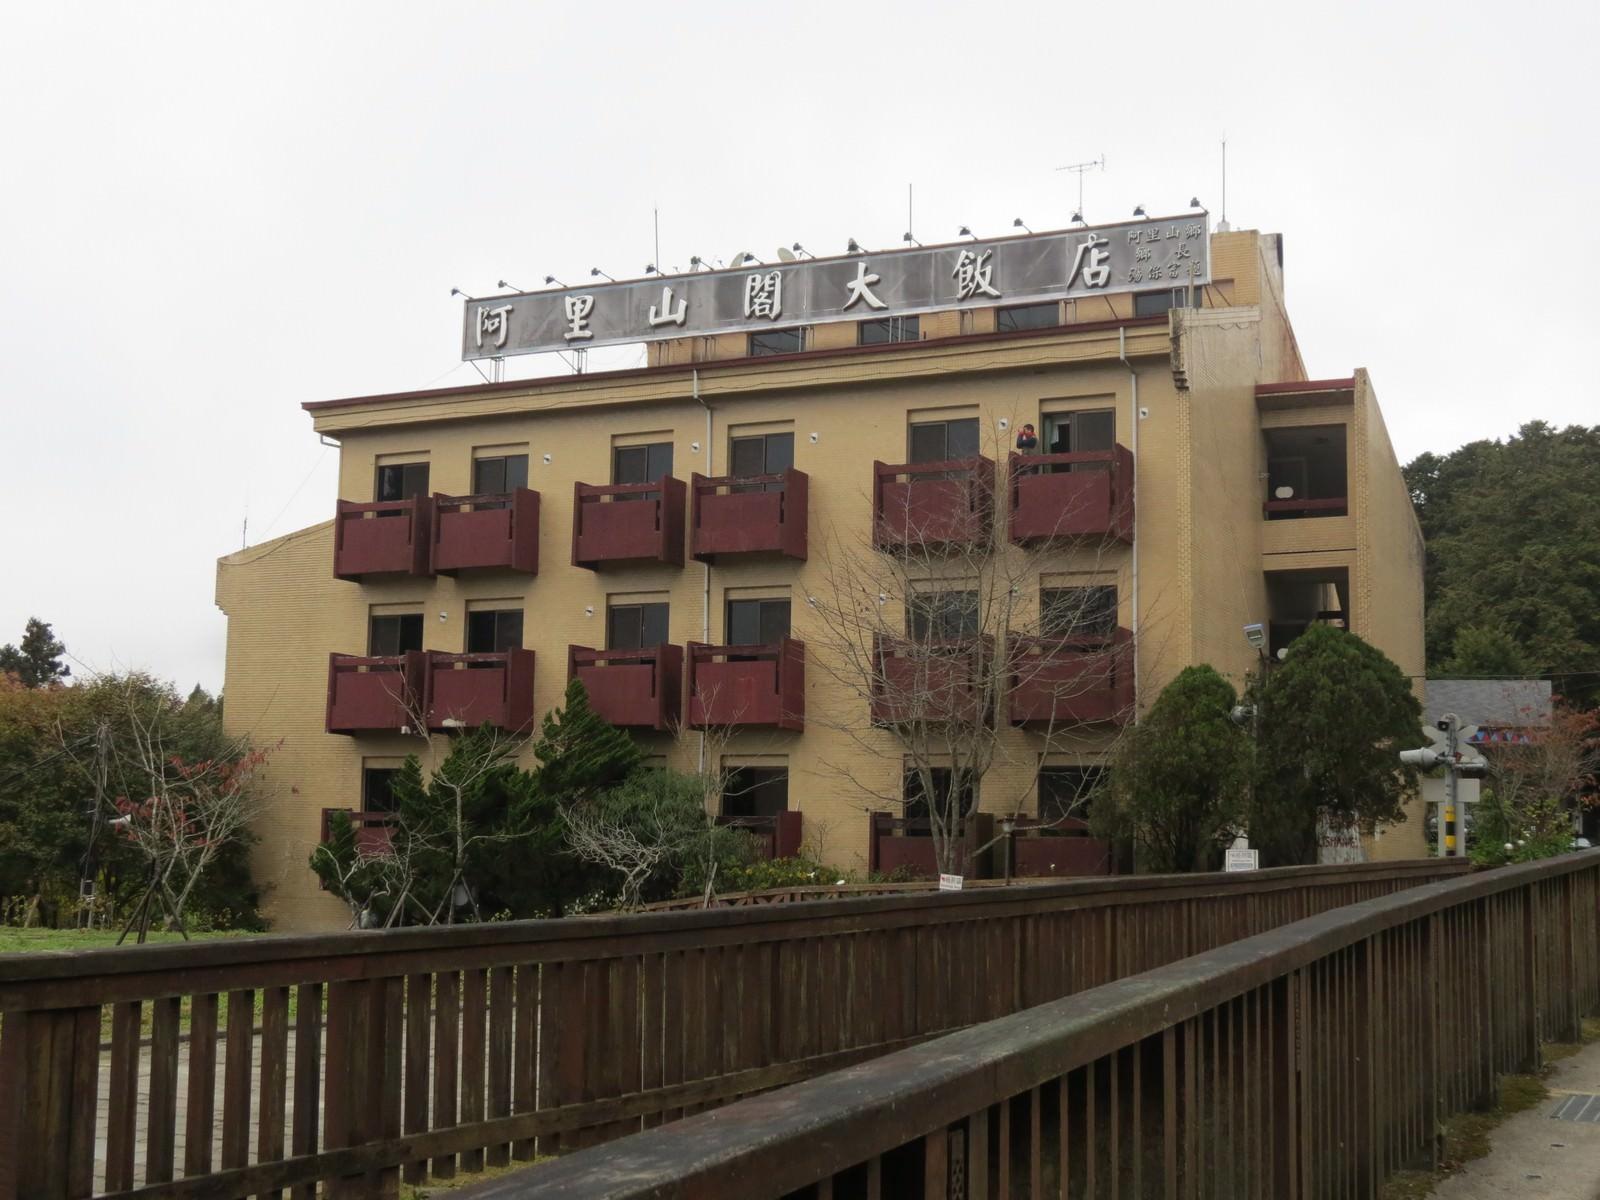 阿里山國家風景區, 阿里山閣大飯店